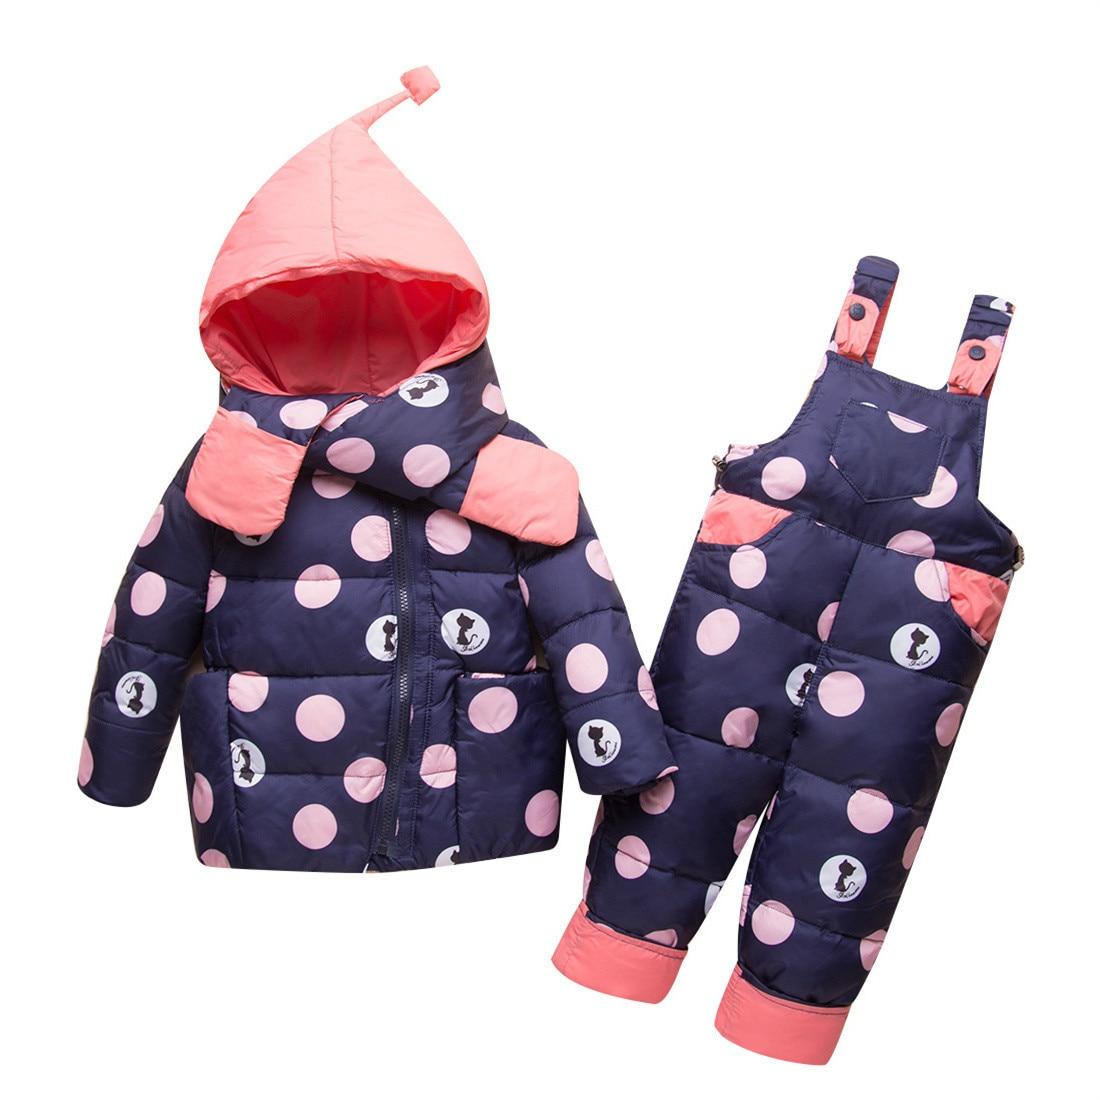 -30 degrés russie hiver enfants vêtements ensembles filles bébé fille vêtements pour garçons Parka vestes enfants manteau infantile vêtements de neige